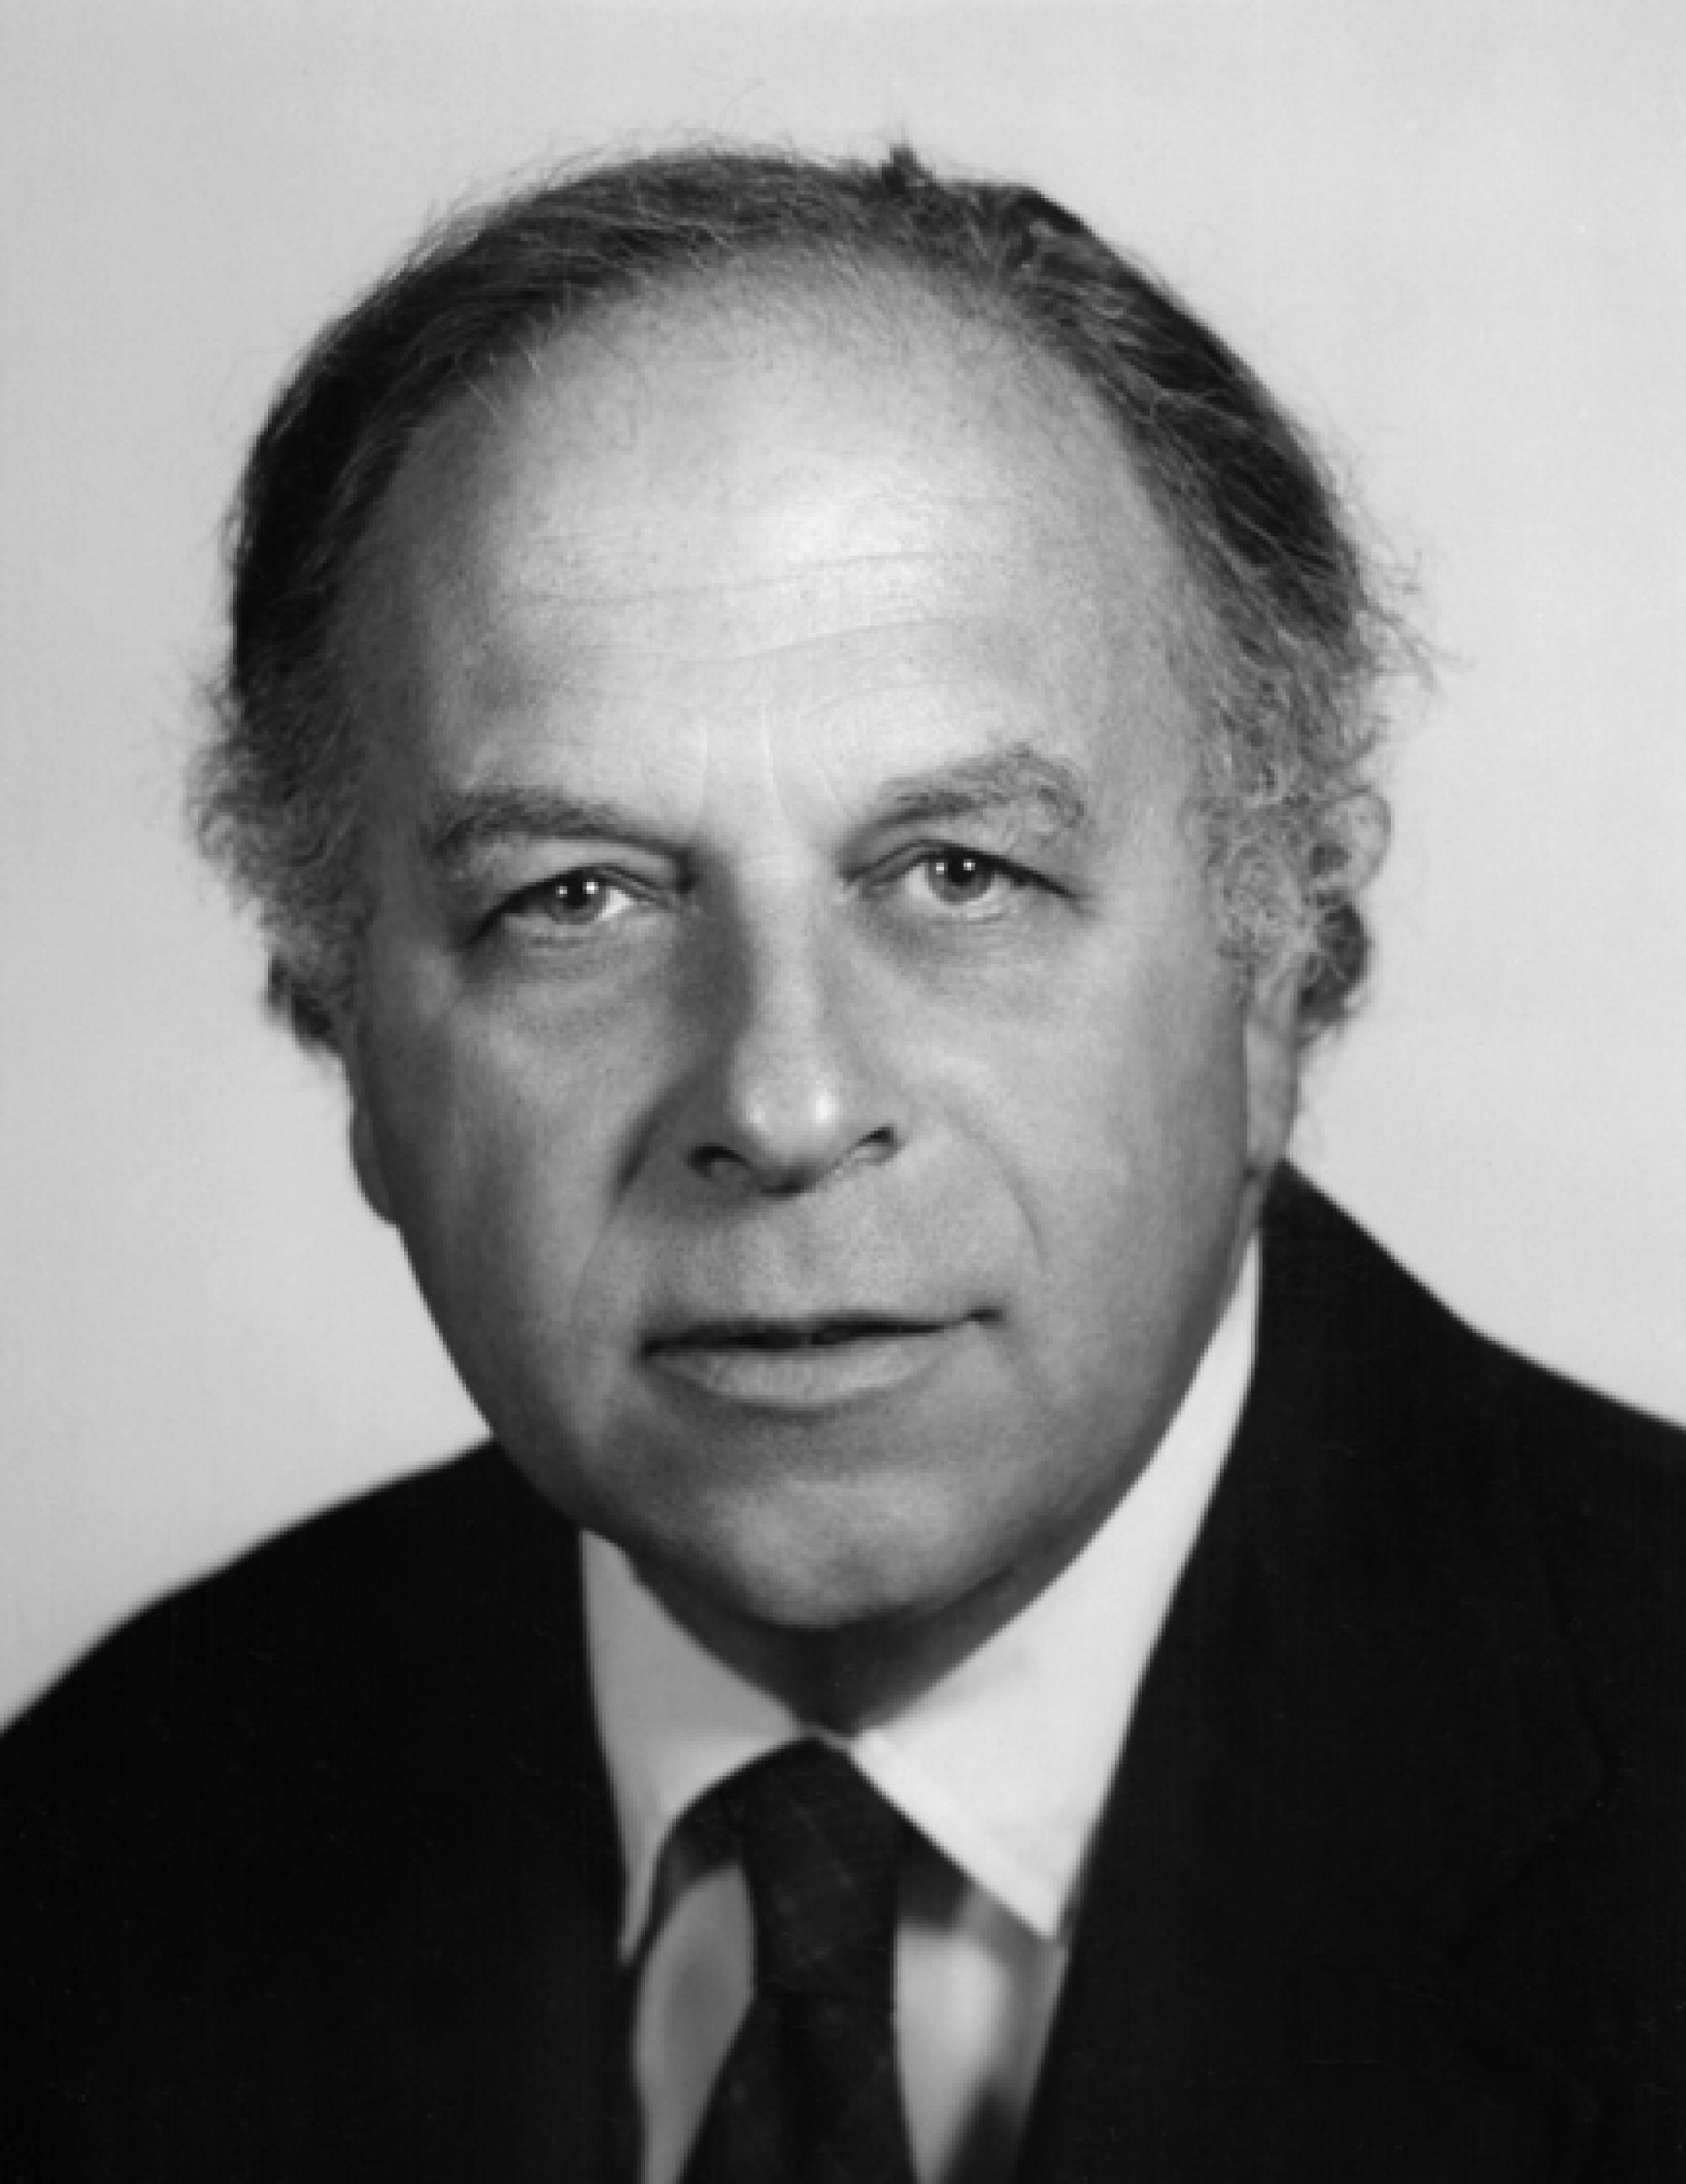 Charles P. Sonett